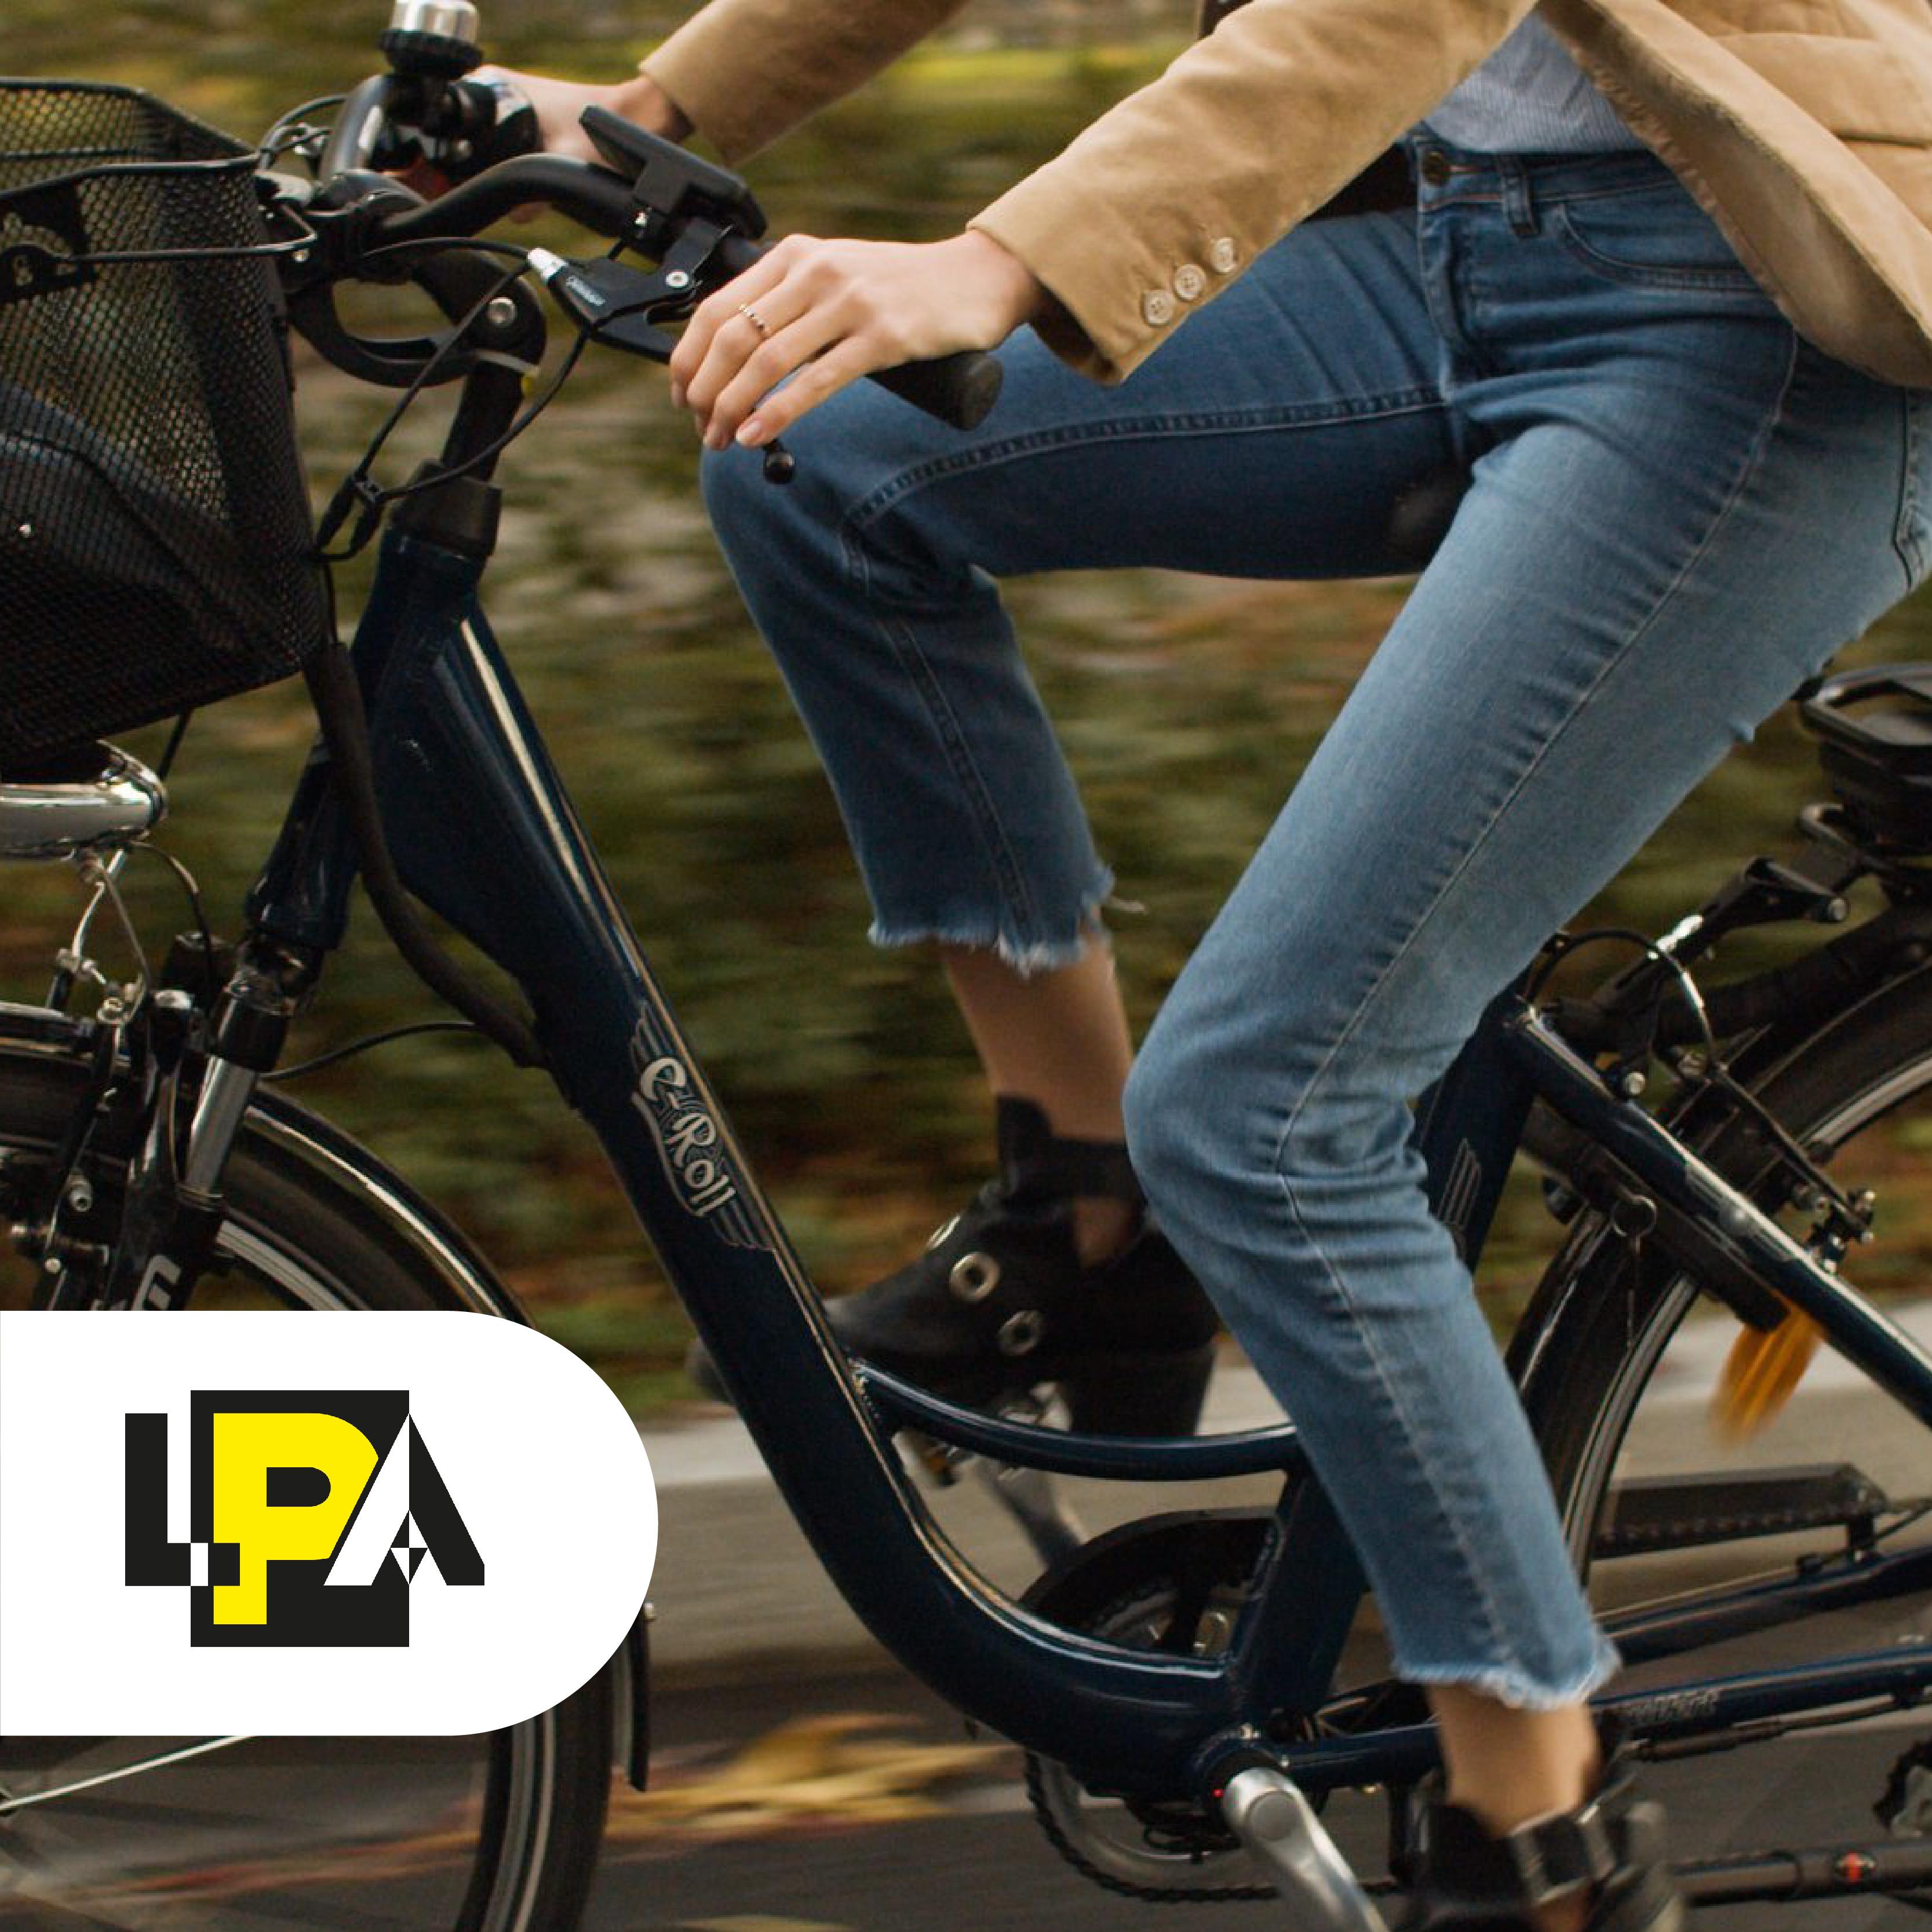 LPA - Découverte des vélos électriques